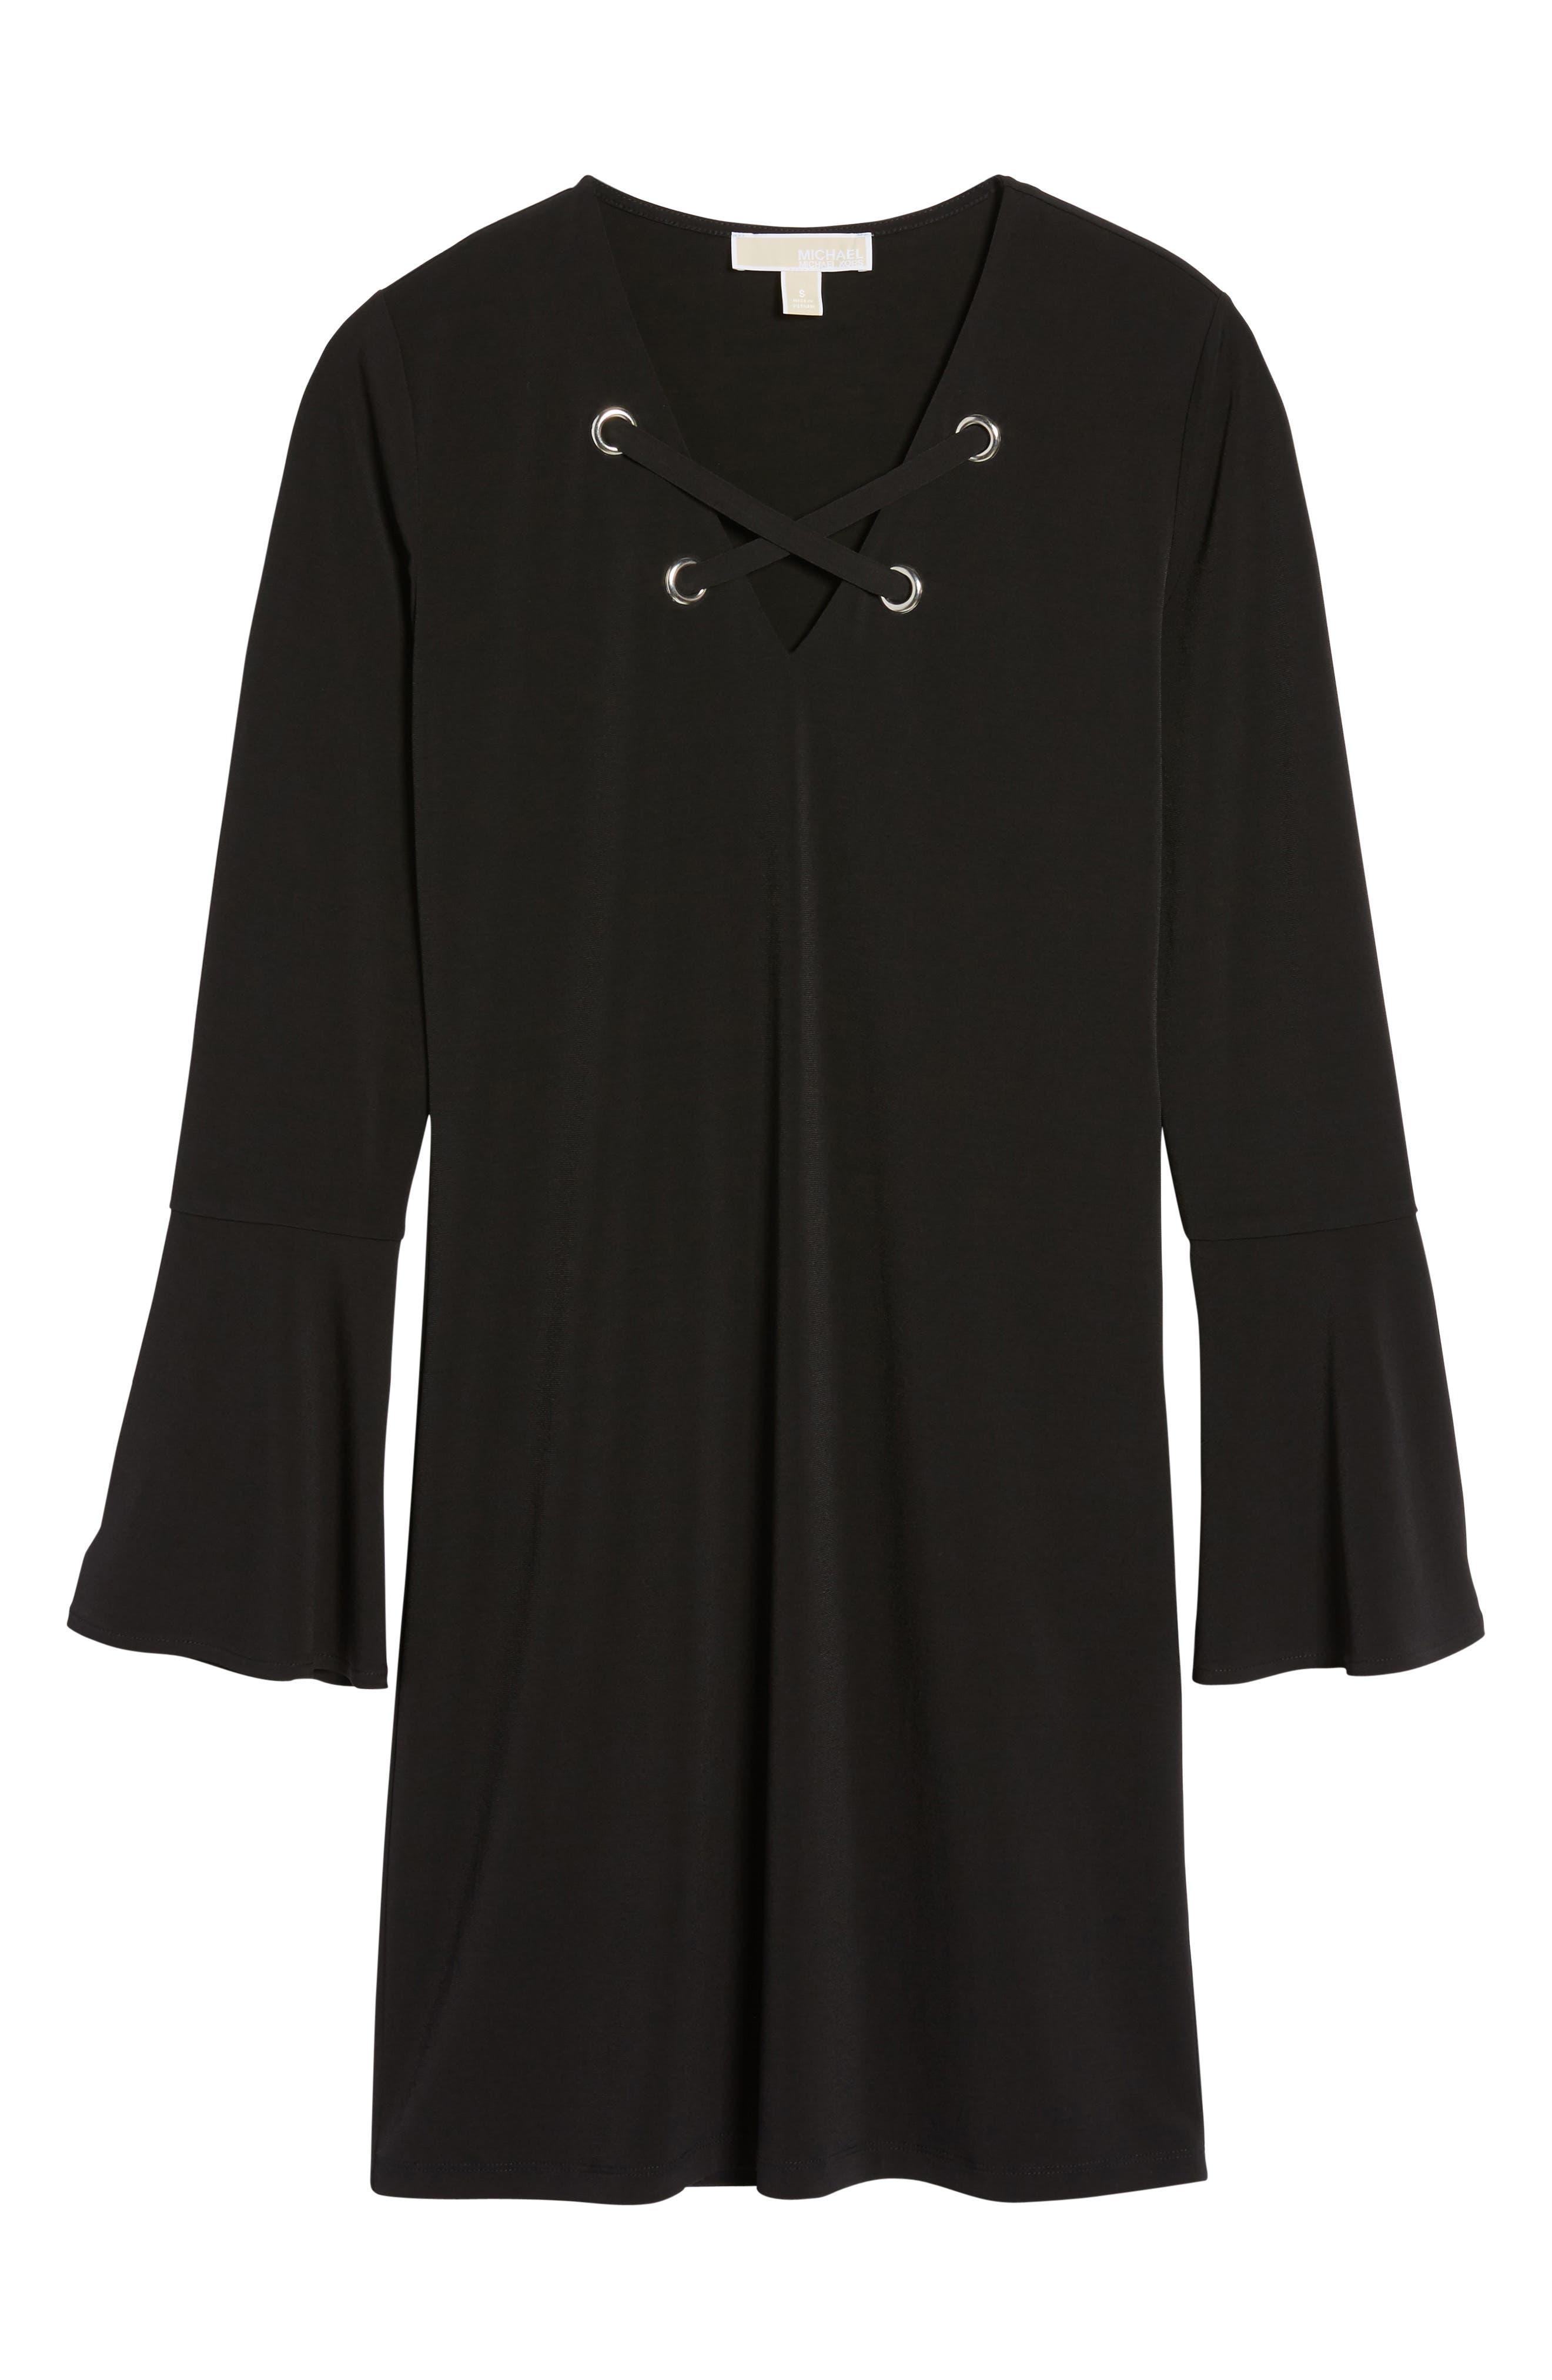 Grommet Lace Shift Dress,                             Alternate thumbnail 6, color,                             001